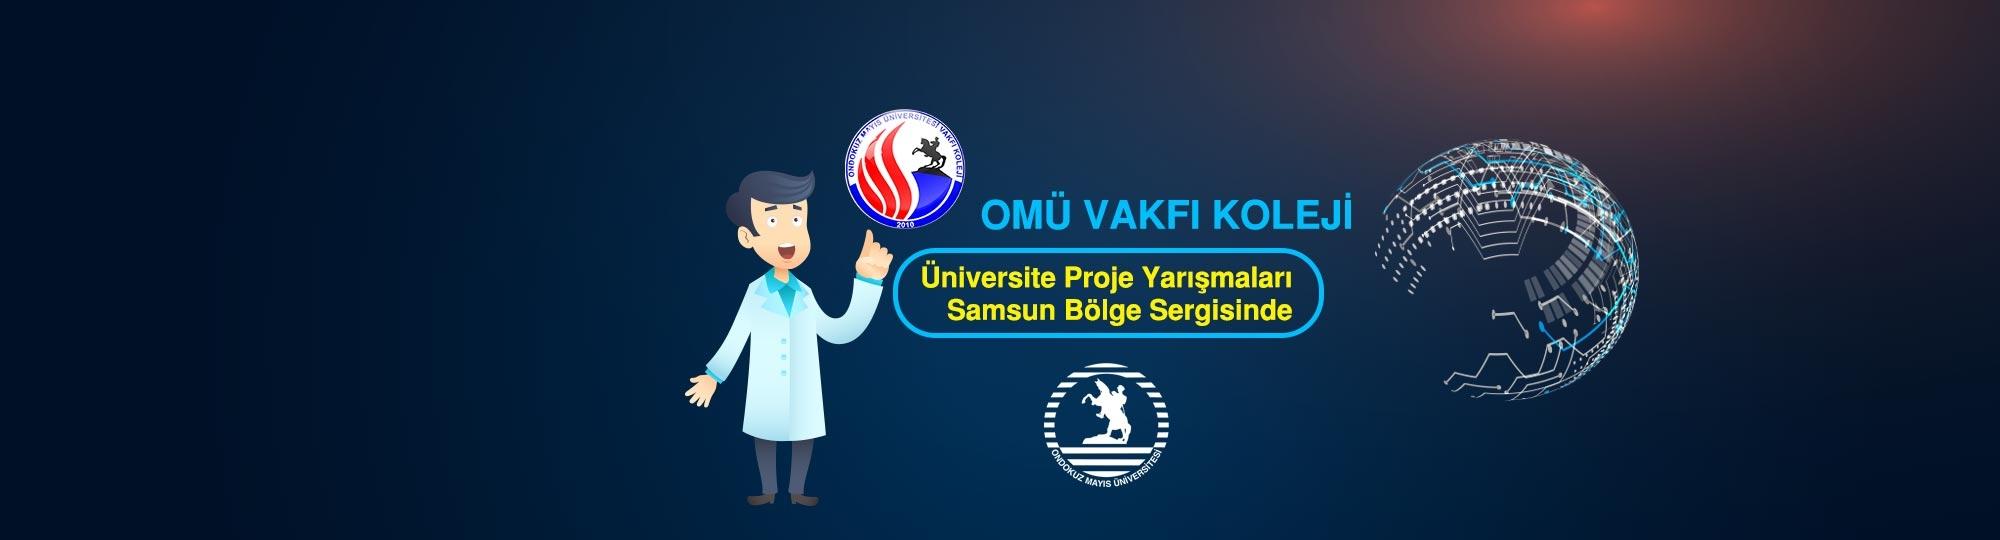 OMÜ Vakfı Koleji Öğrenci Üniversite Proje Yarışmaları Samsun Bölge Sergisinde